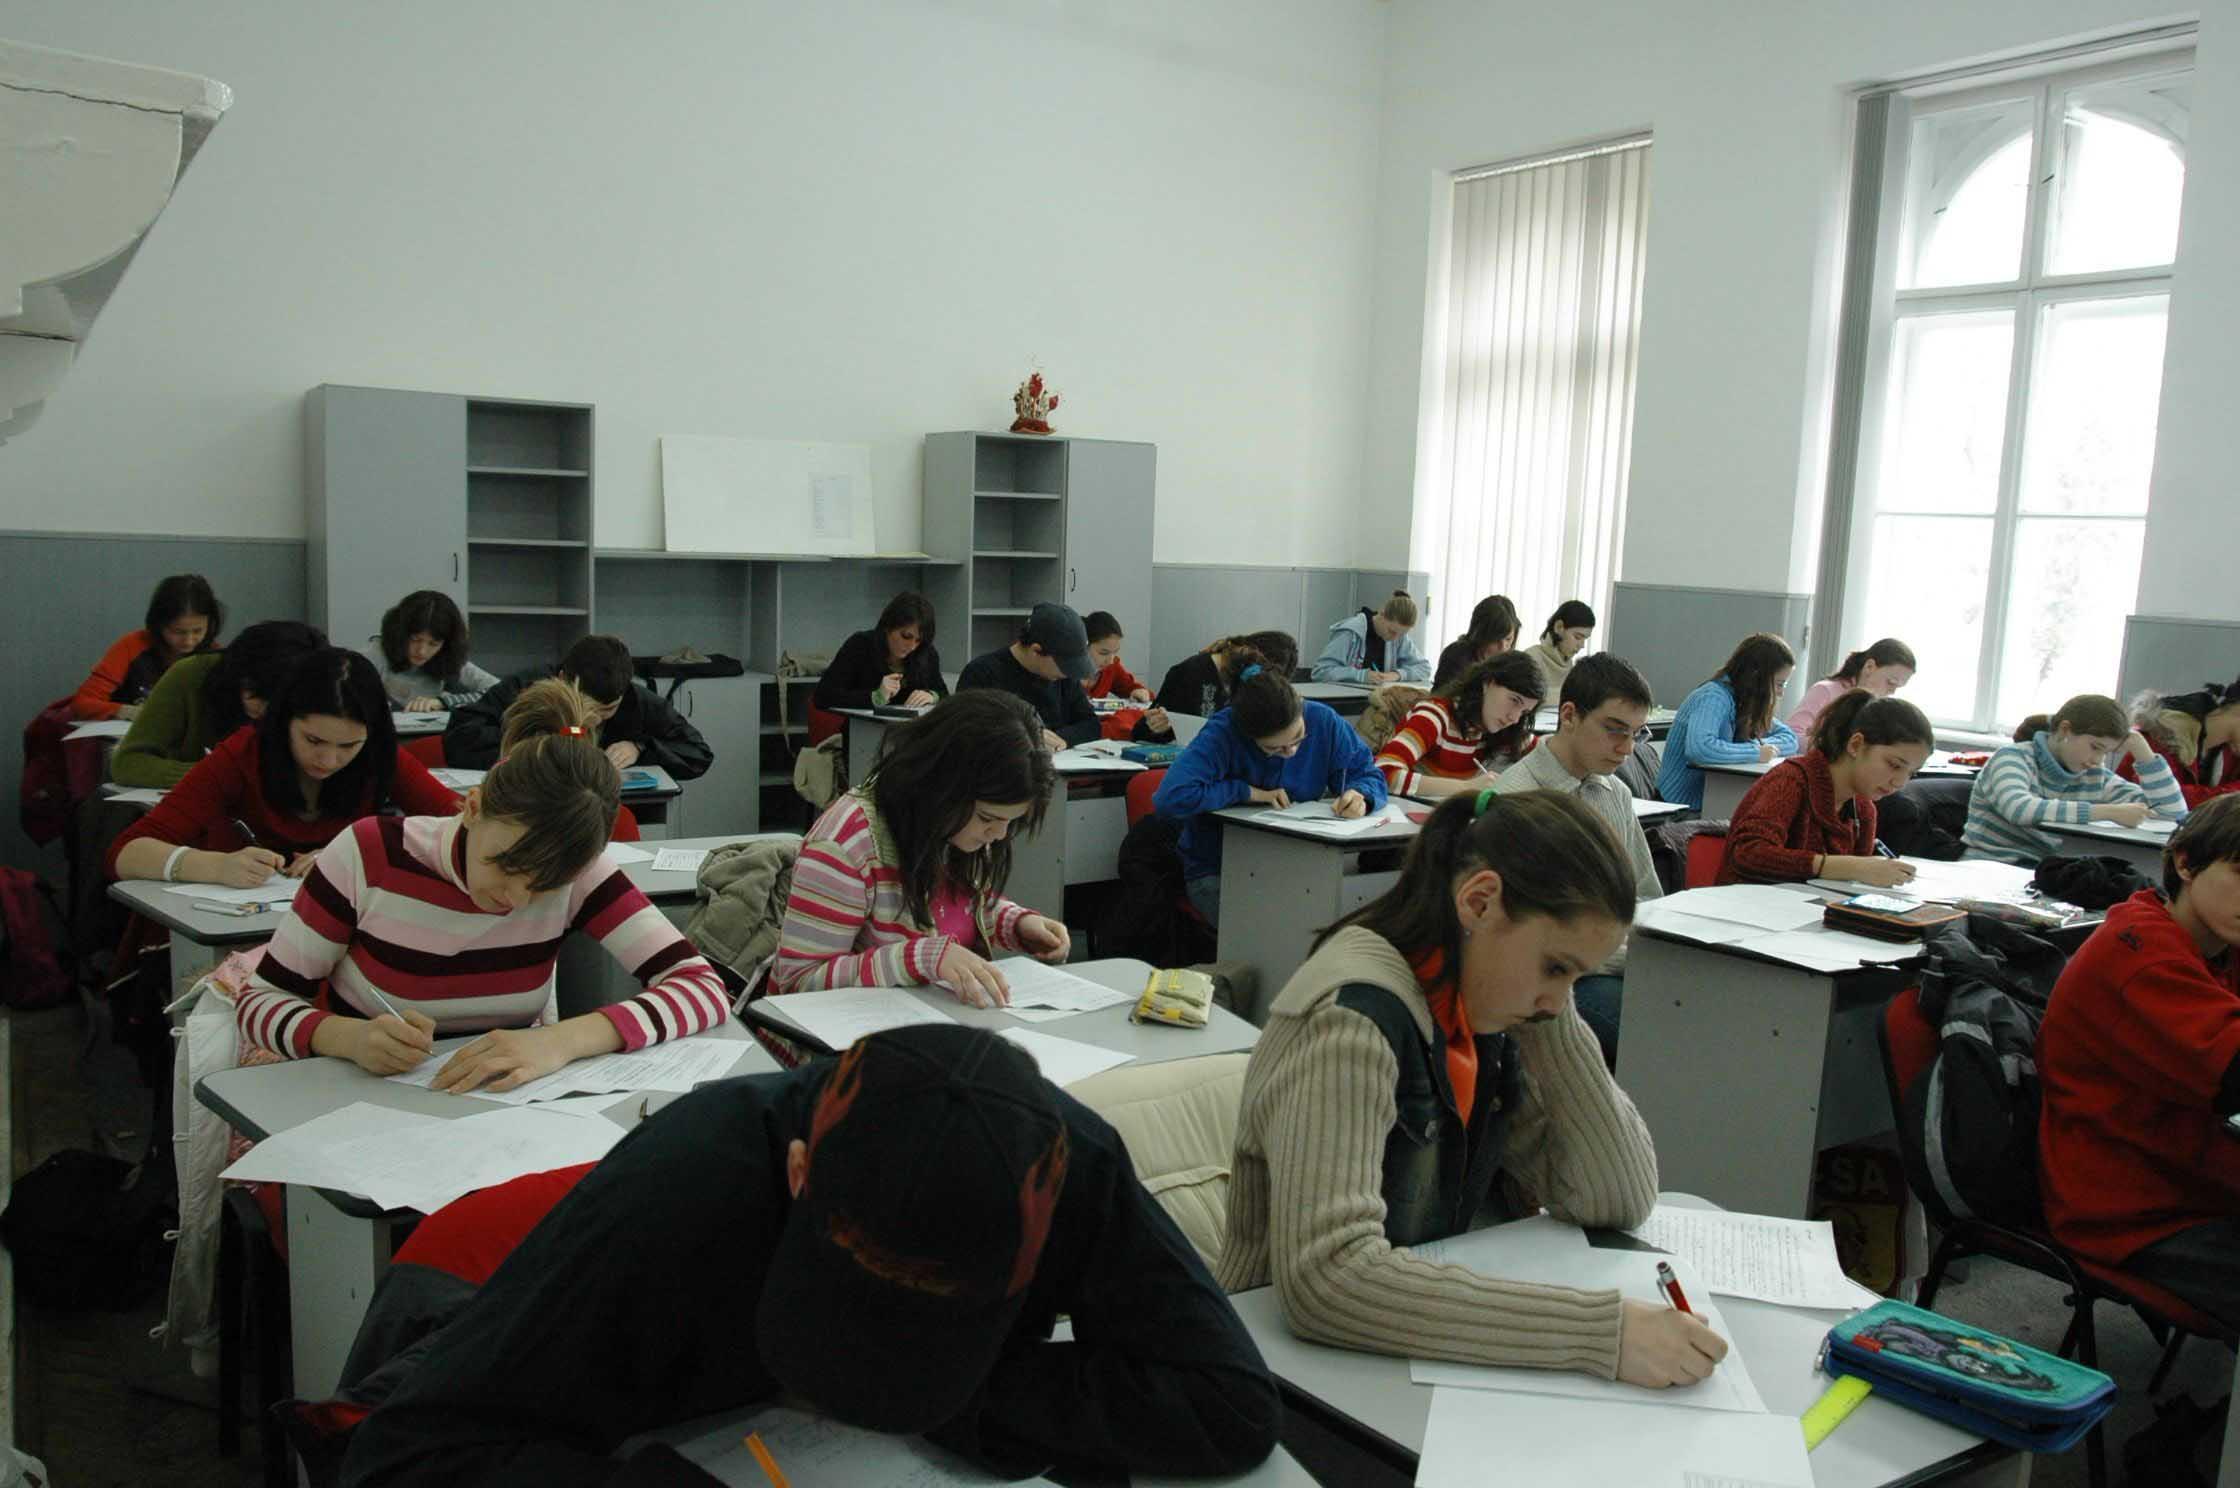 386 de elevi braşoveni au fost testaţi psihometric în cadrul unui proiect cu finanţare europeană